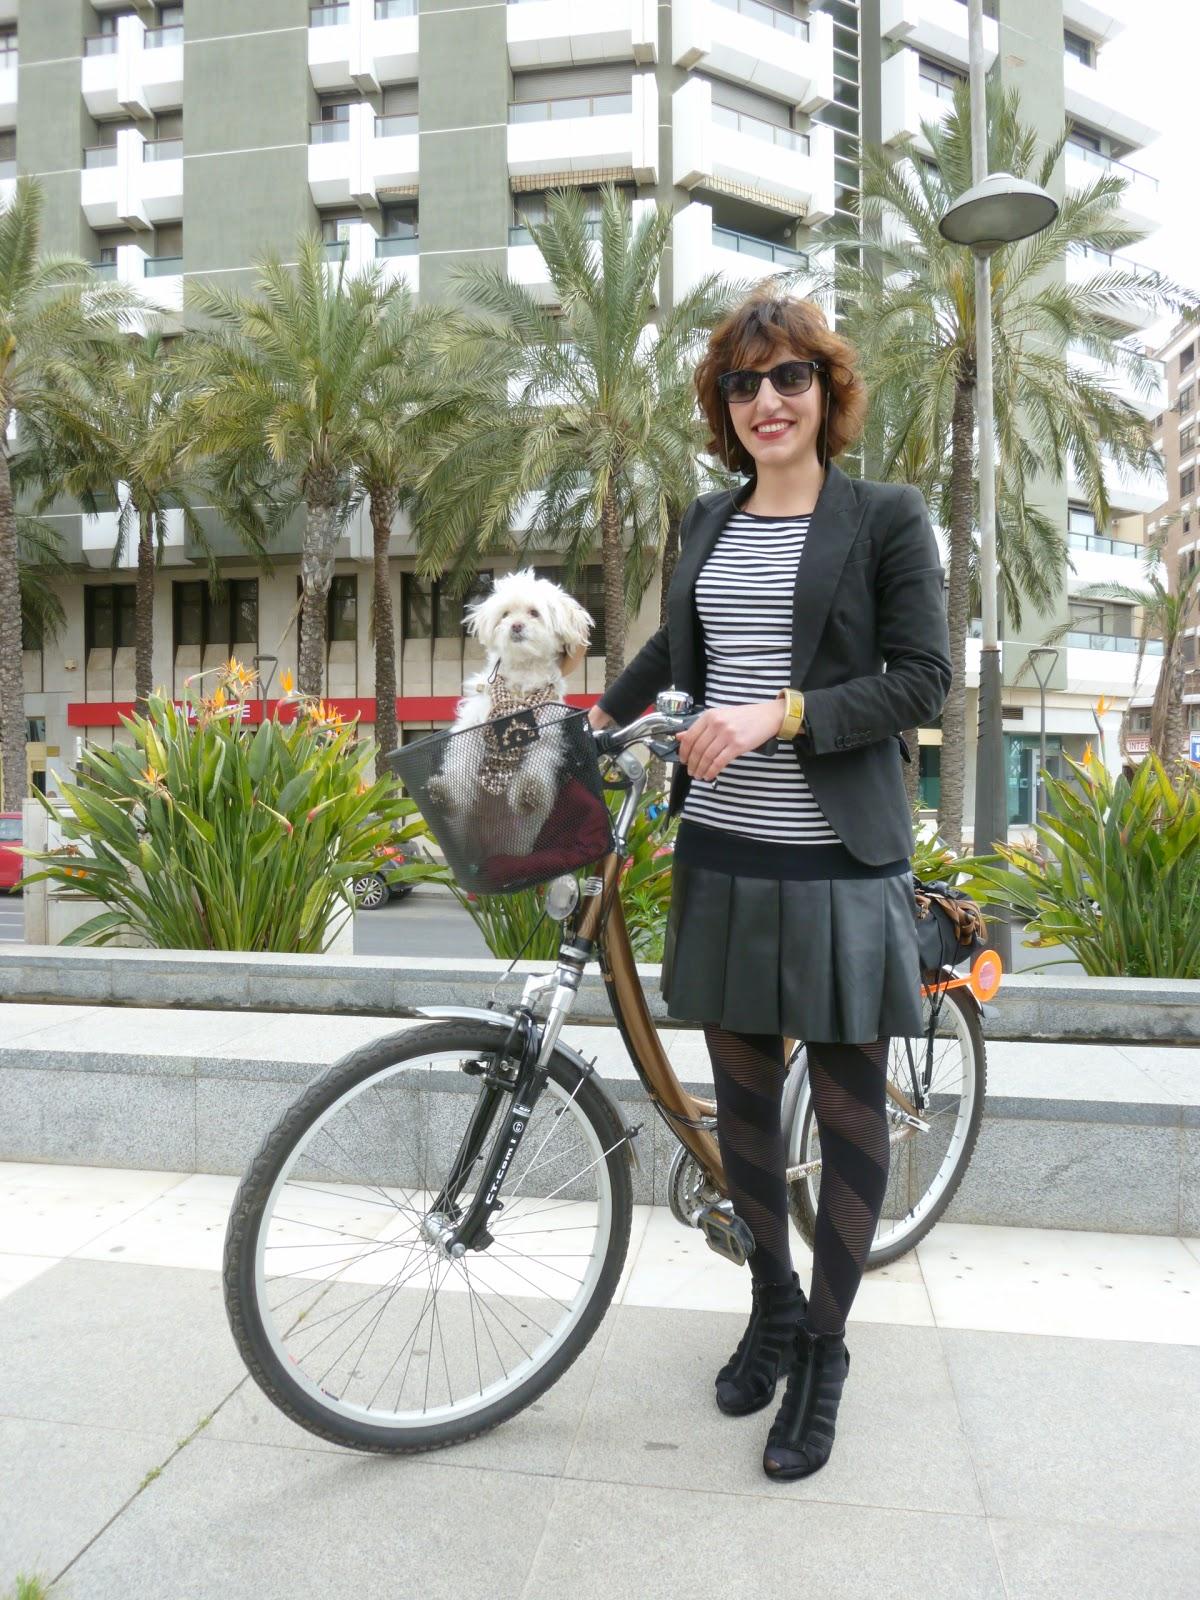 Almer a cycle chic candela al trabajo y maril n de paseo for Centro de salud ciudad jardin almeria